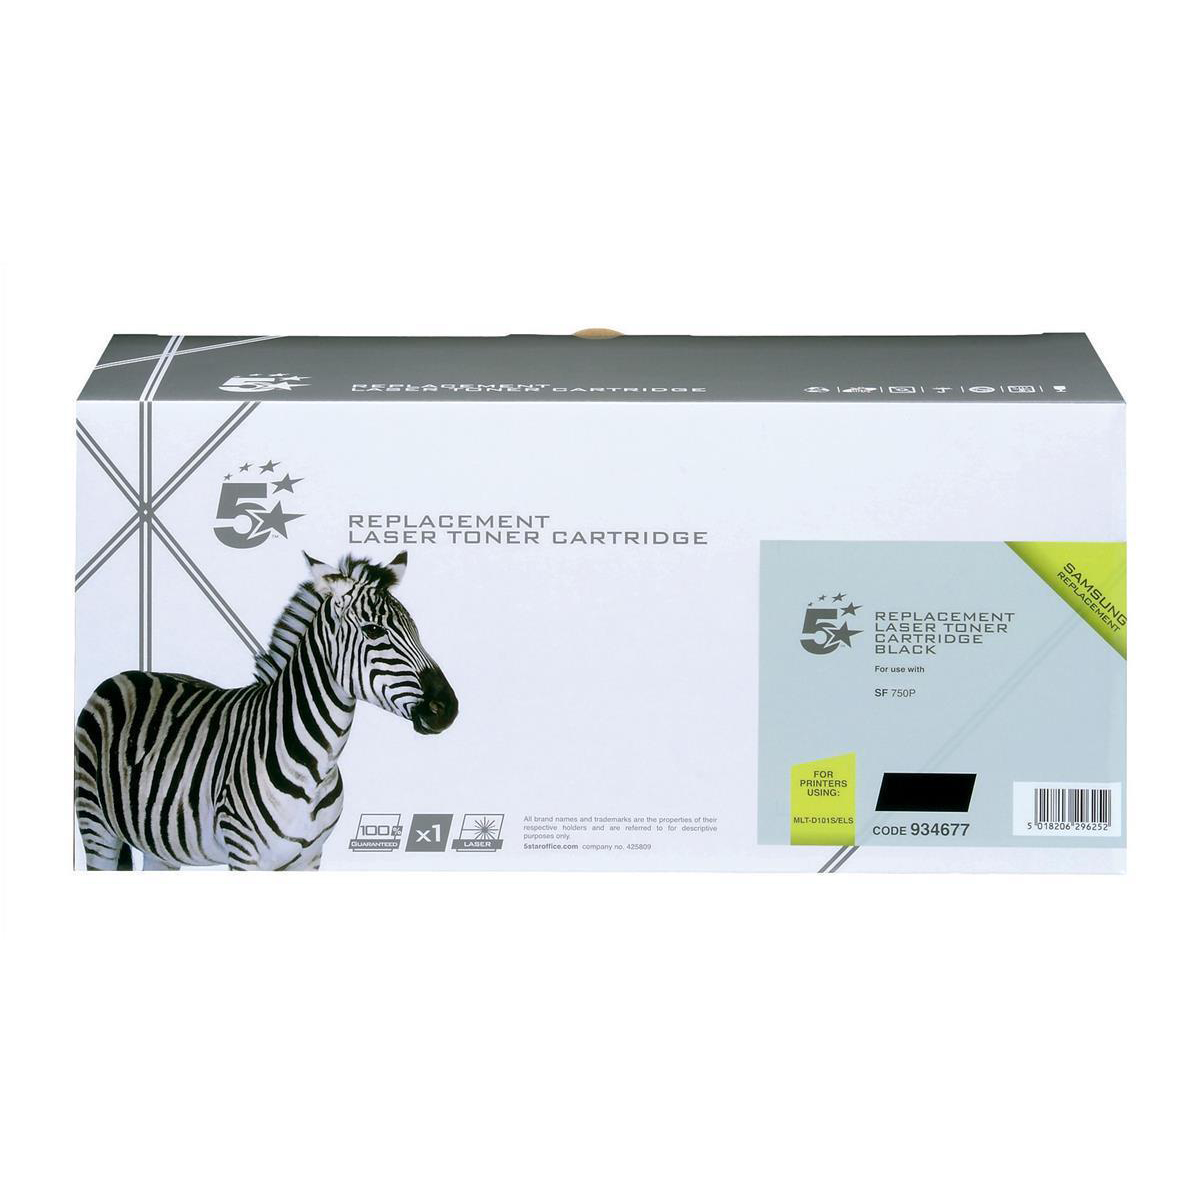 5 Star Office Remanufactured Laser Toner Cartridge PageLife 1500pp Black [Samsung MLT-D101S Alternative]